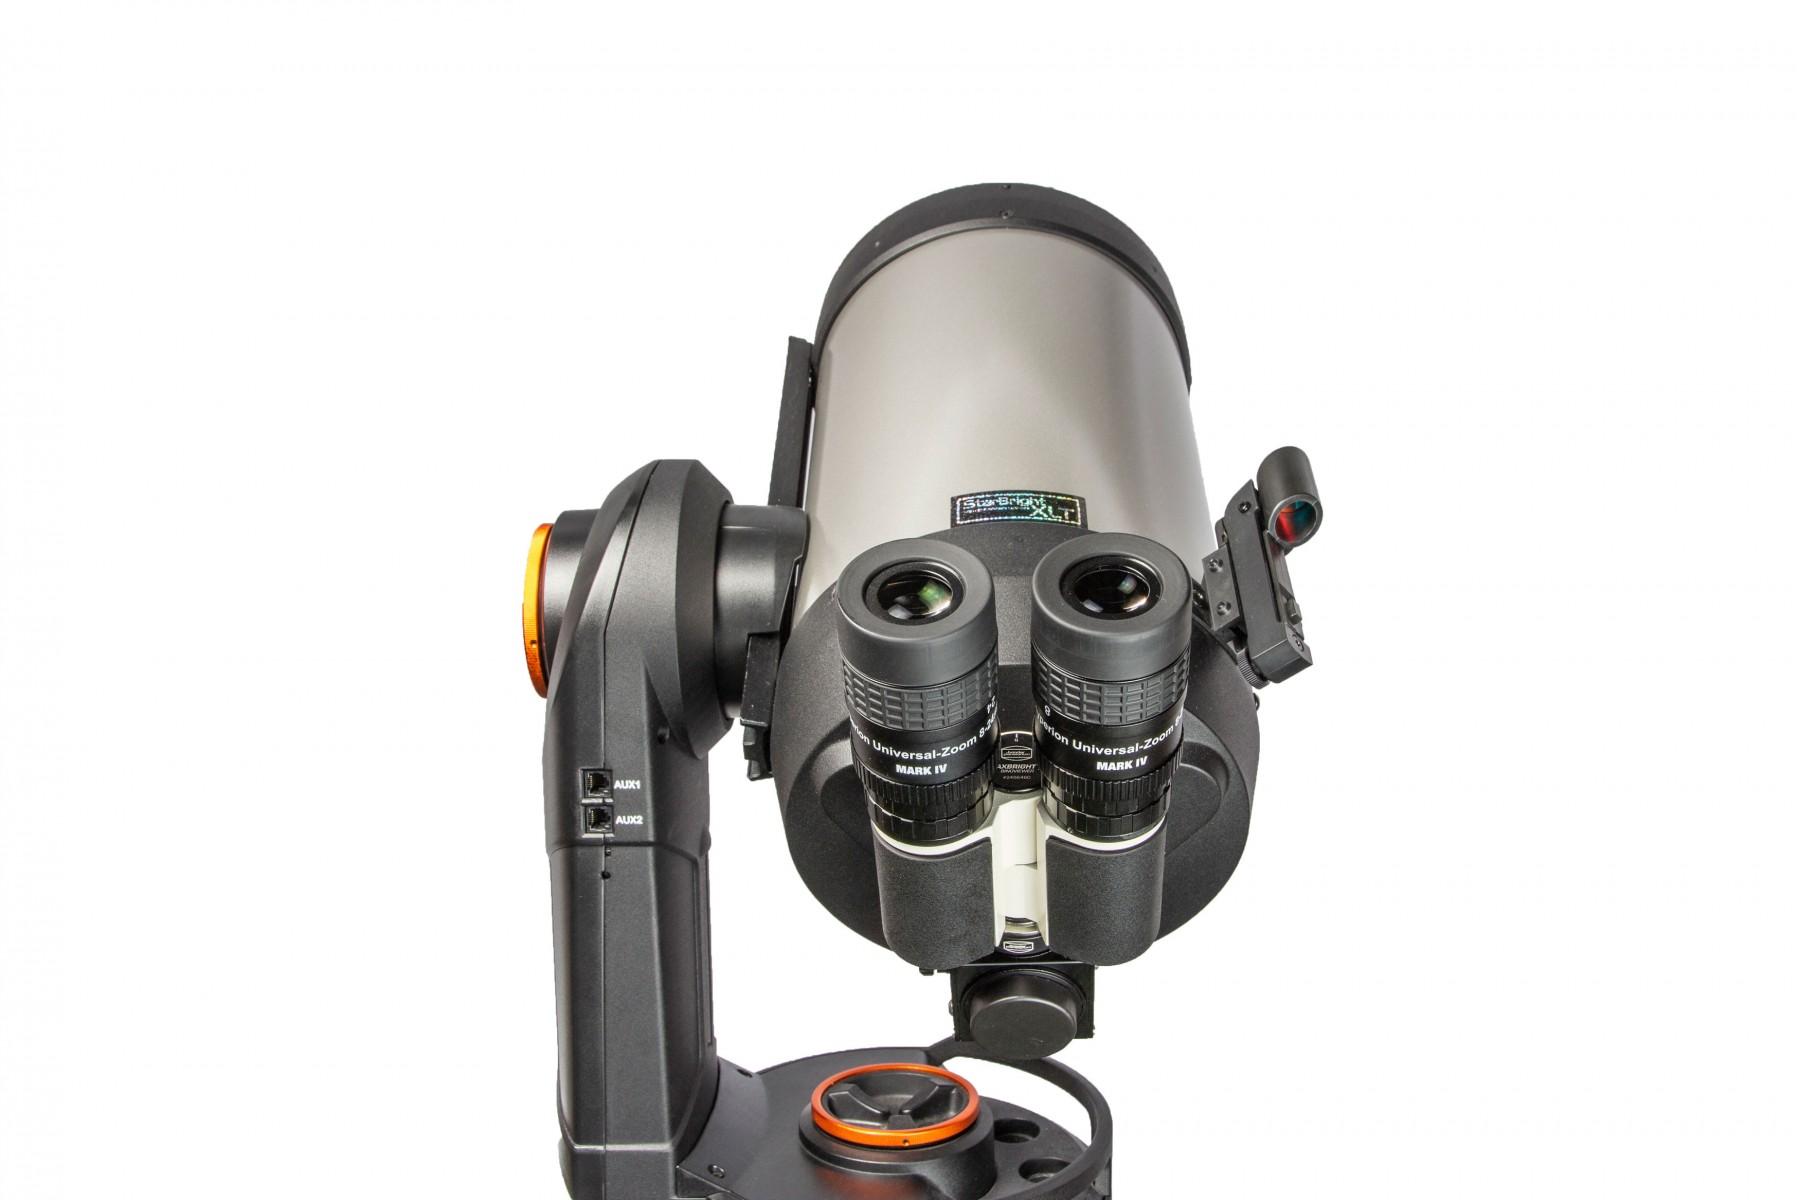 Anwendungsbild: MaxBright II Binokular mit FlipMirror II in Verwendung als vollwertiger Zenitspiegel